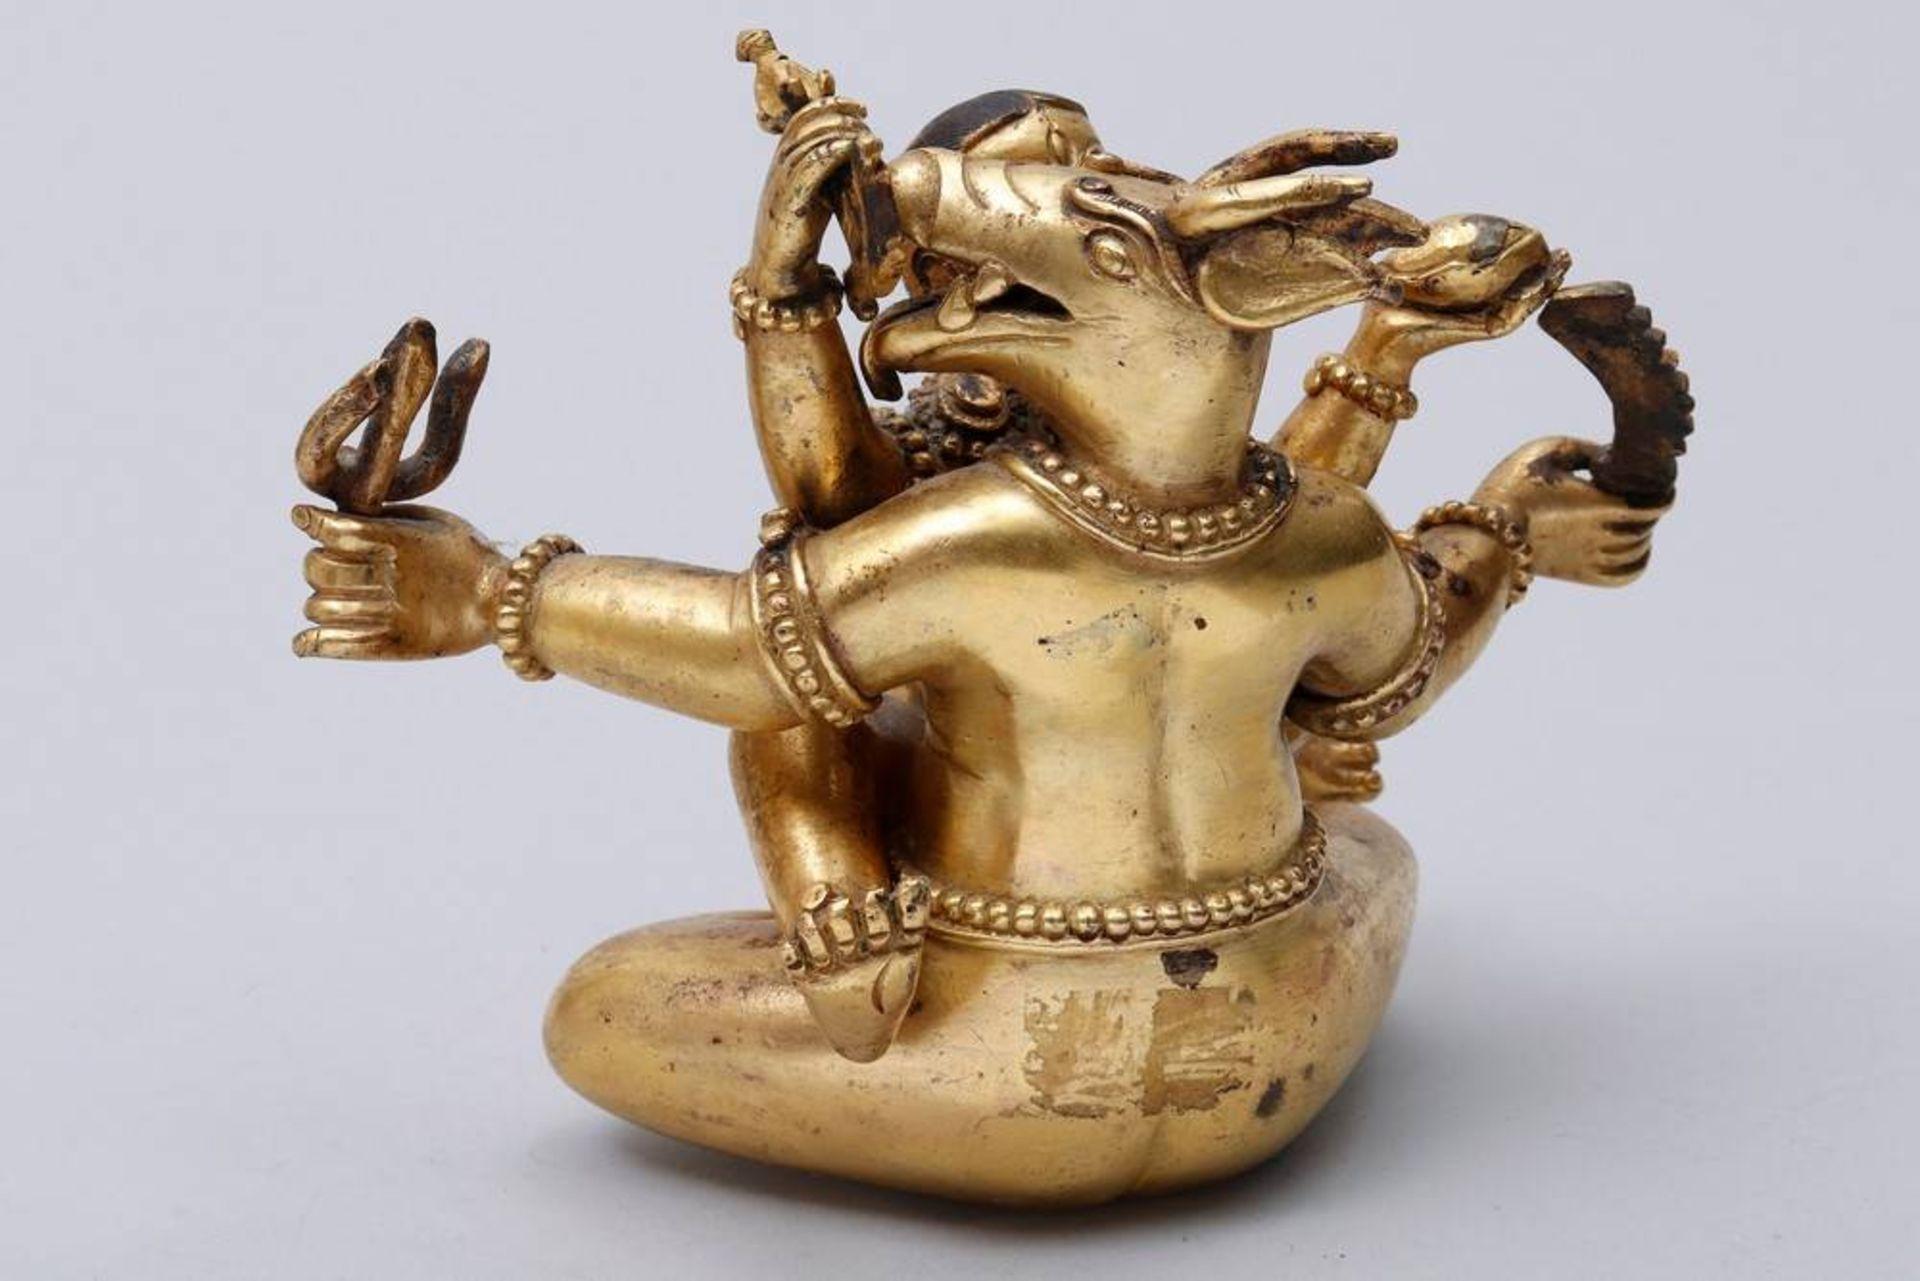 Buddhistische Gottheit Nepal/Tibet, 18./19.Jh., wohl Yama Dharmaraja mit Chamundi, in sitzender - Bild 4 aus 10